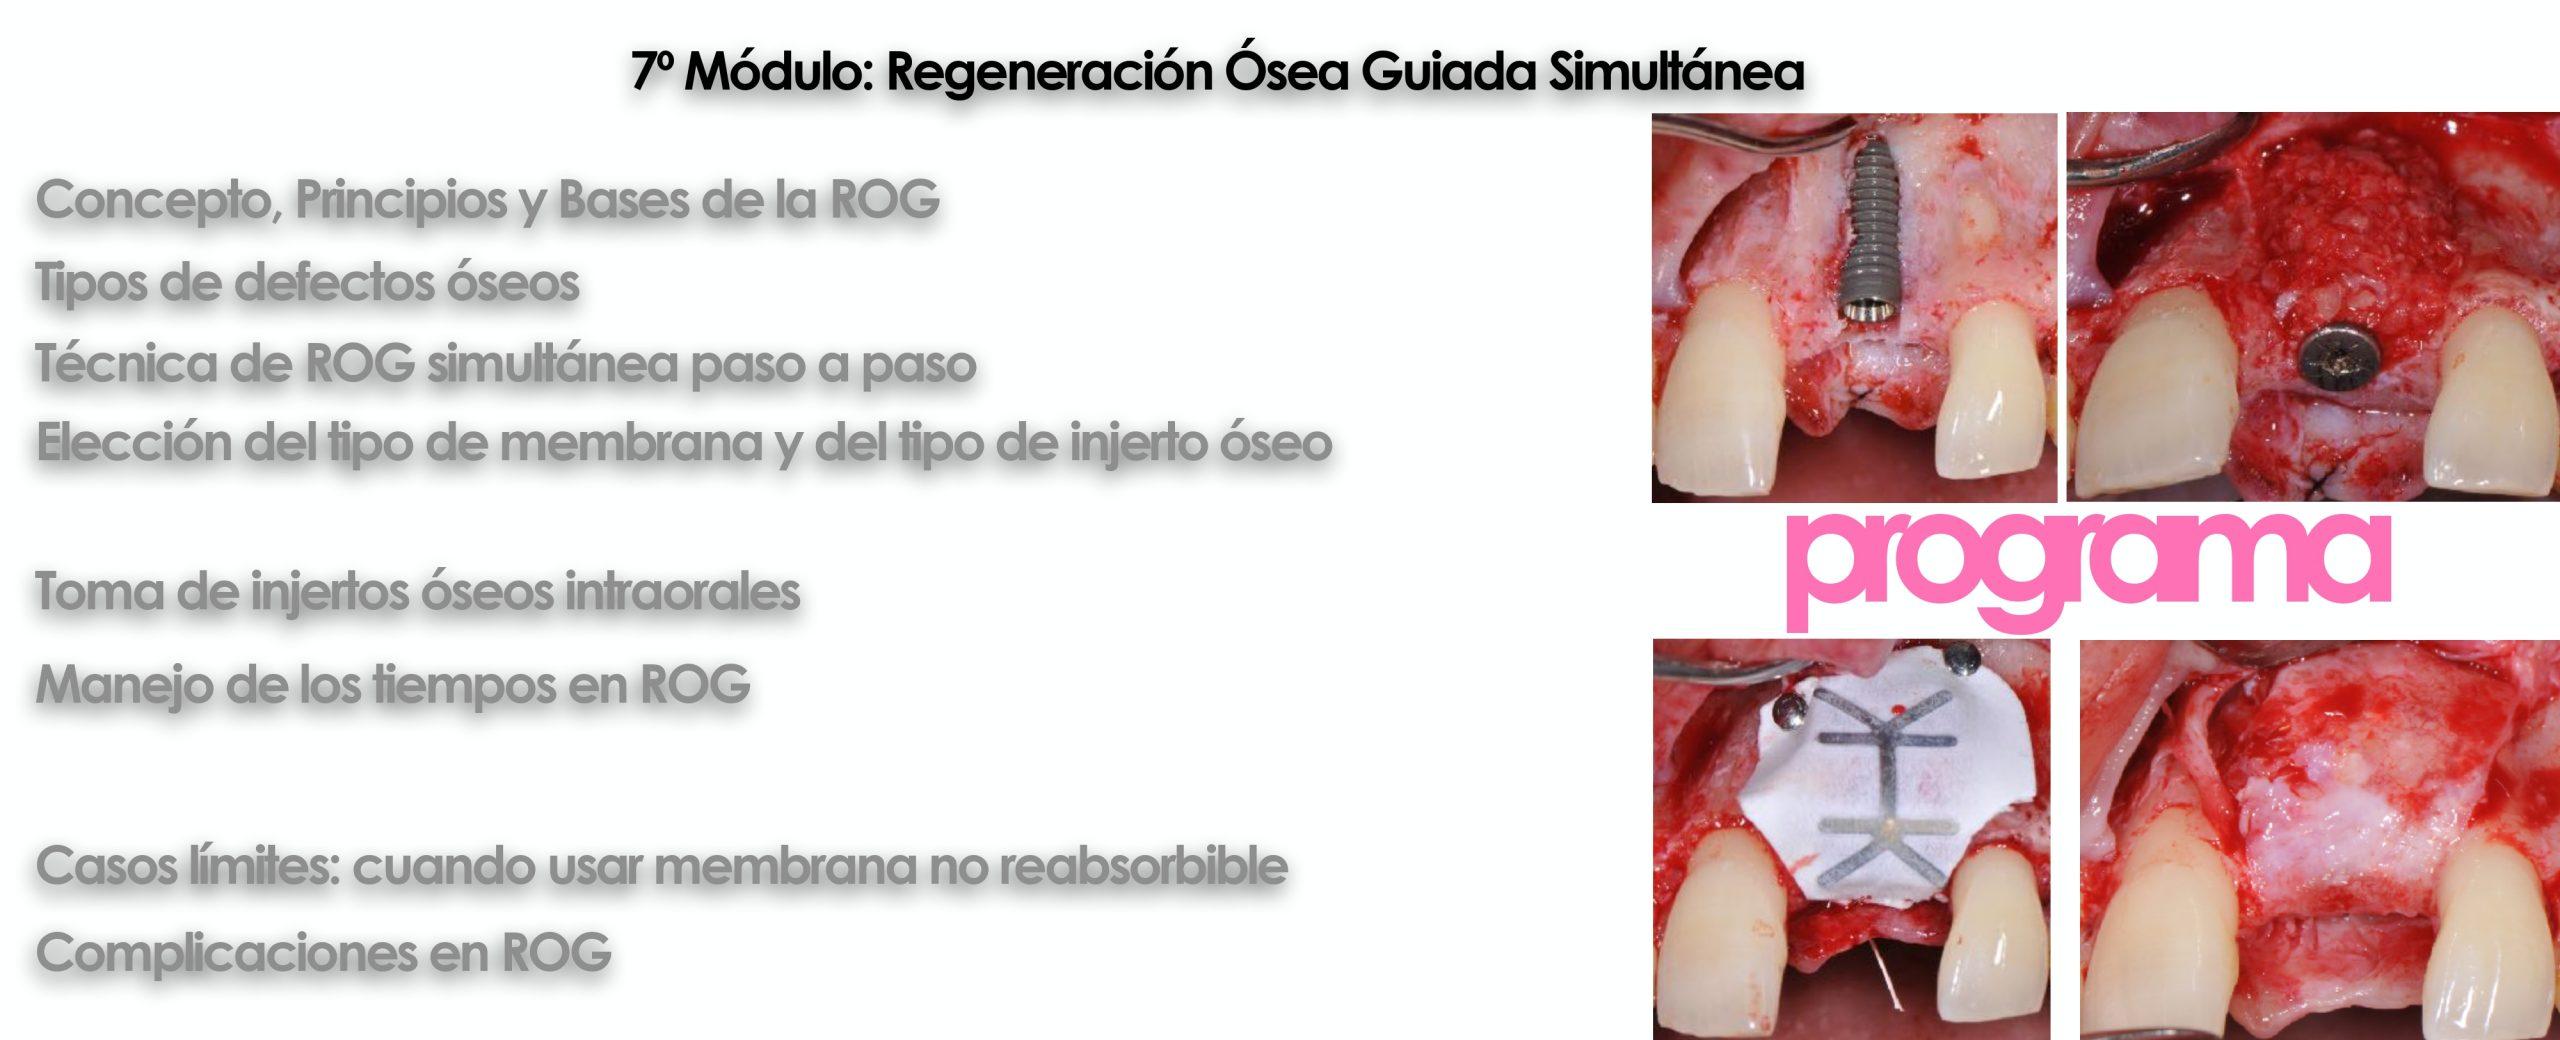 Curso cirugía periodontal e implantológica 2022 11